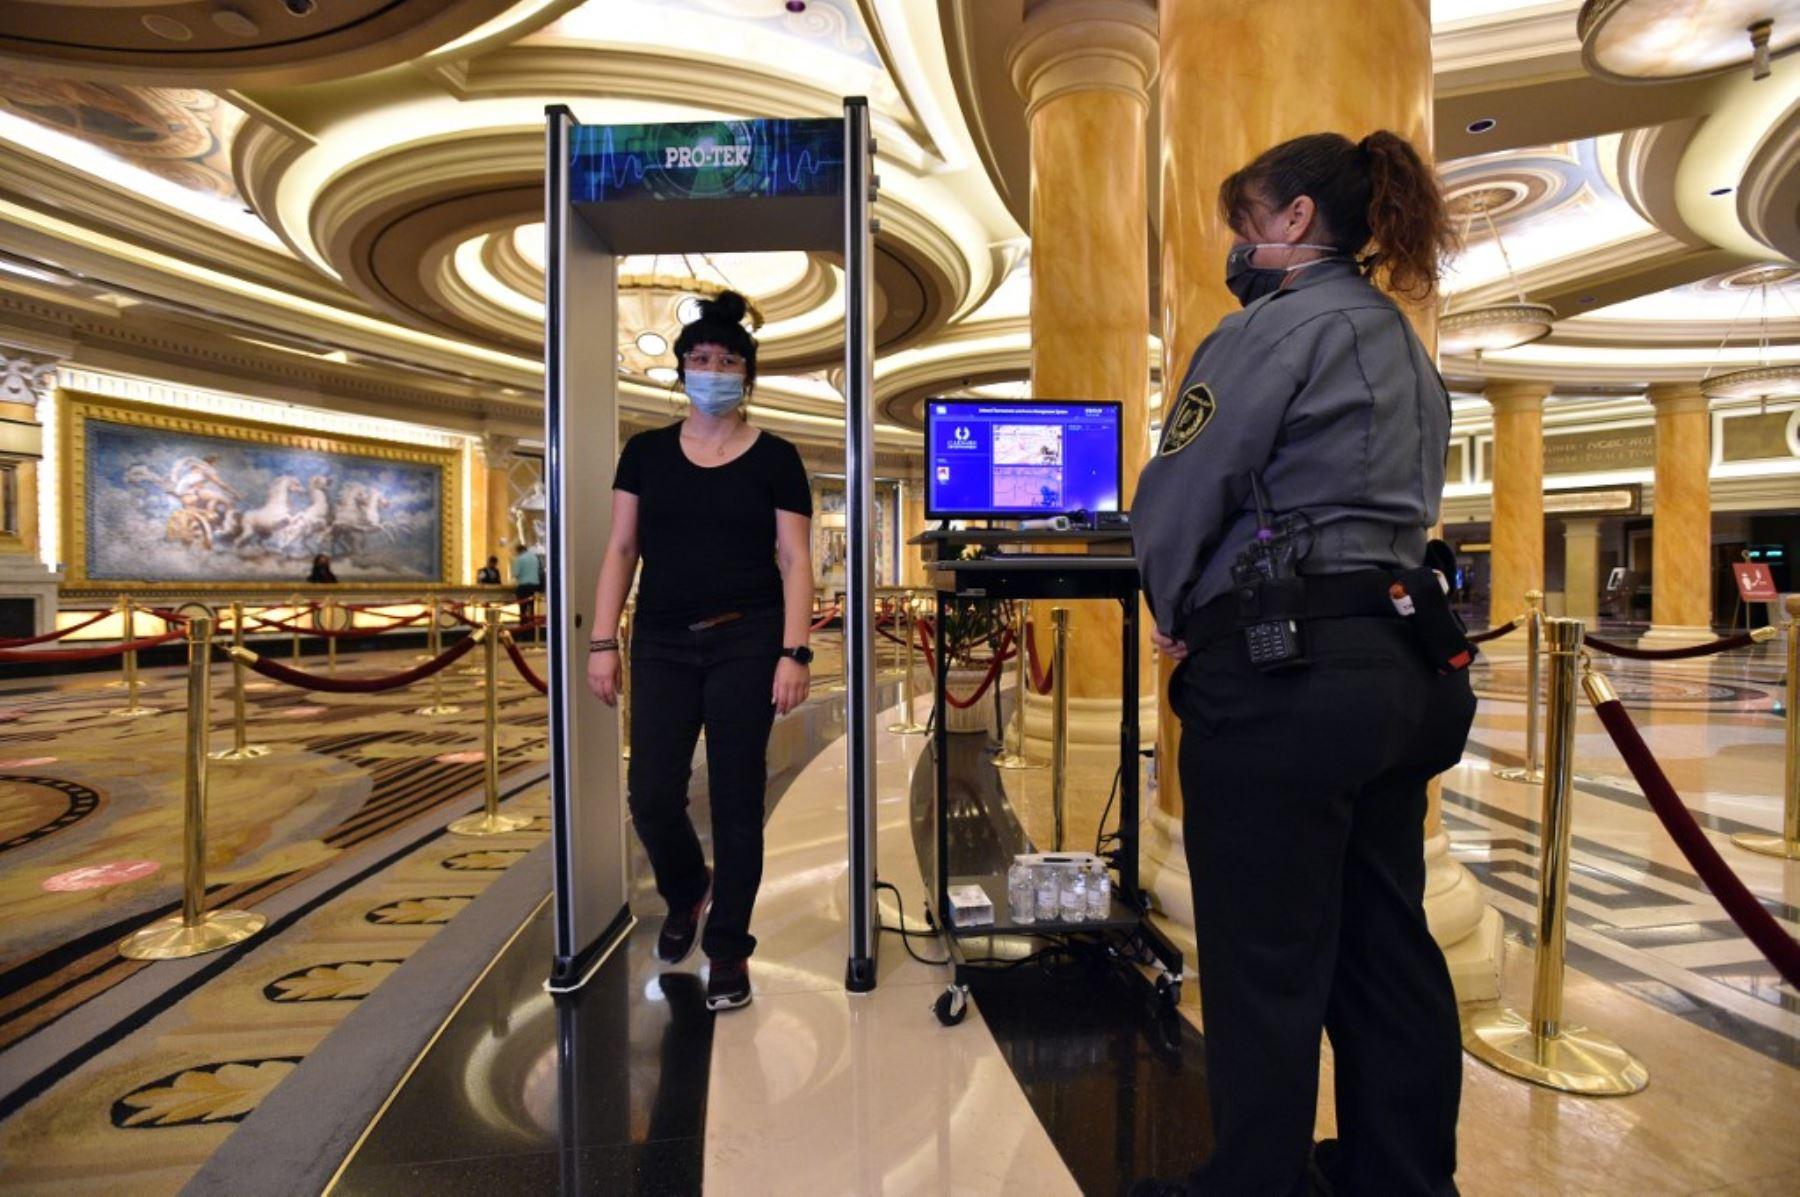 Una mujer pasa a través de un termómetro infrarrojo en el Caesars Palace en Las Vegas Strip, ya que la propiedad abre por primera vez desde que cerró el 17 de marzo debido a la pandemia de coronavirus (COVID-19). Foto: AFP